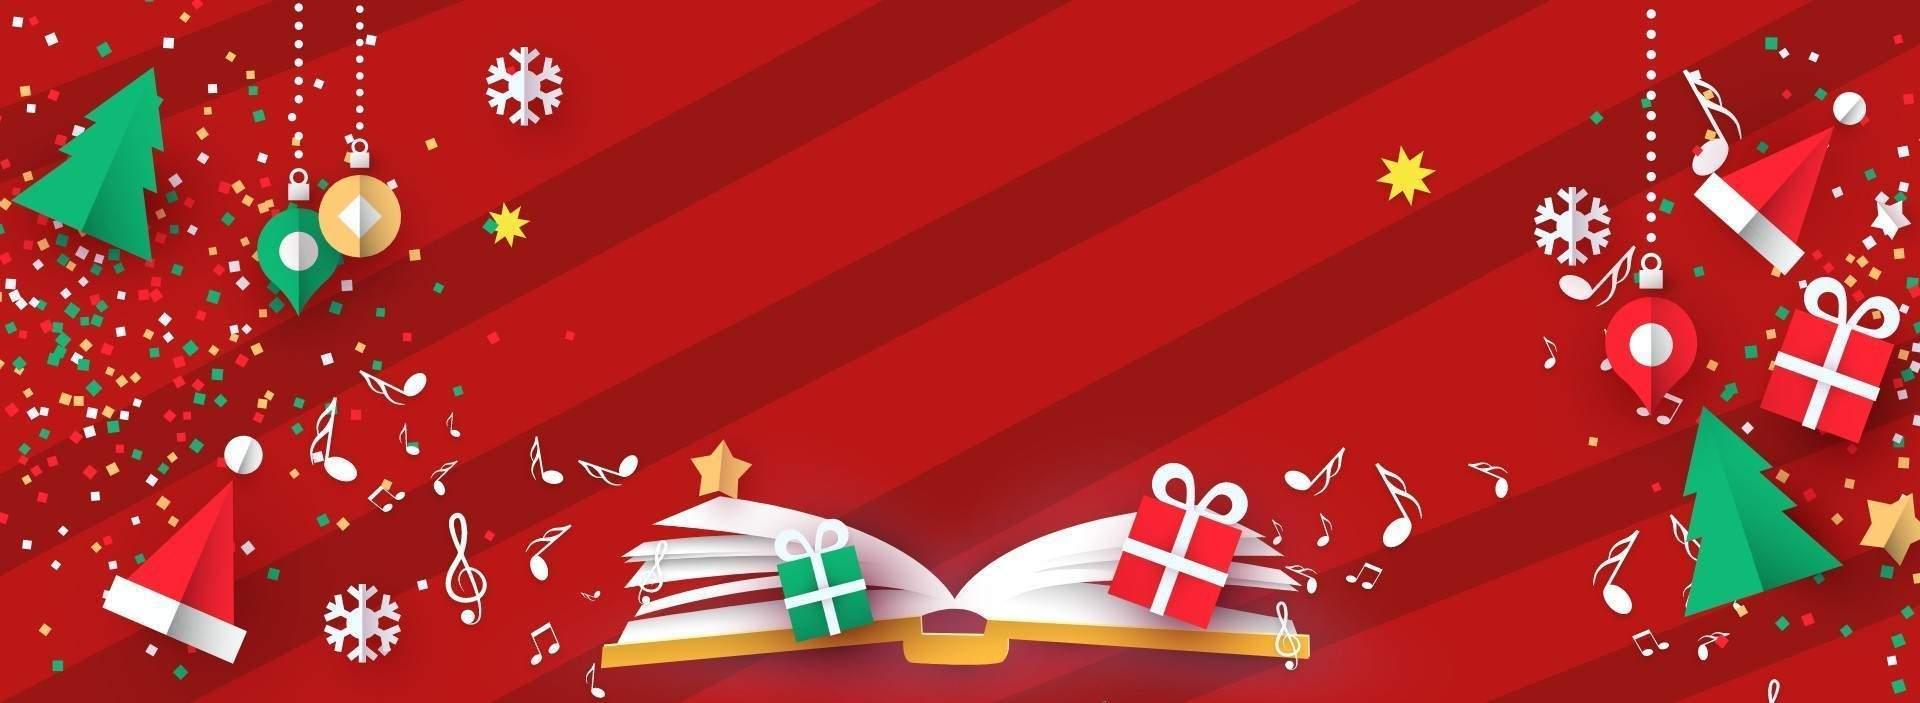 Audiolibri sul Natale per bambini  Mela Music